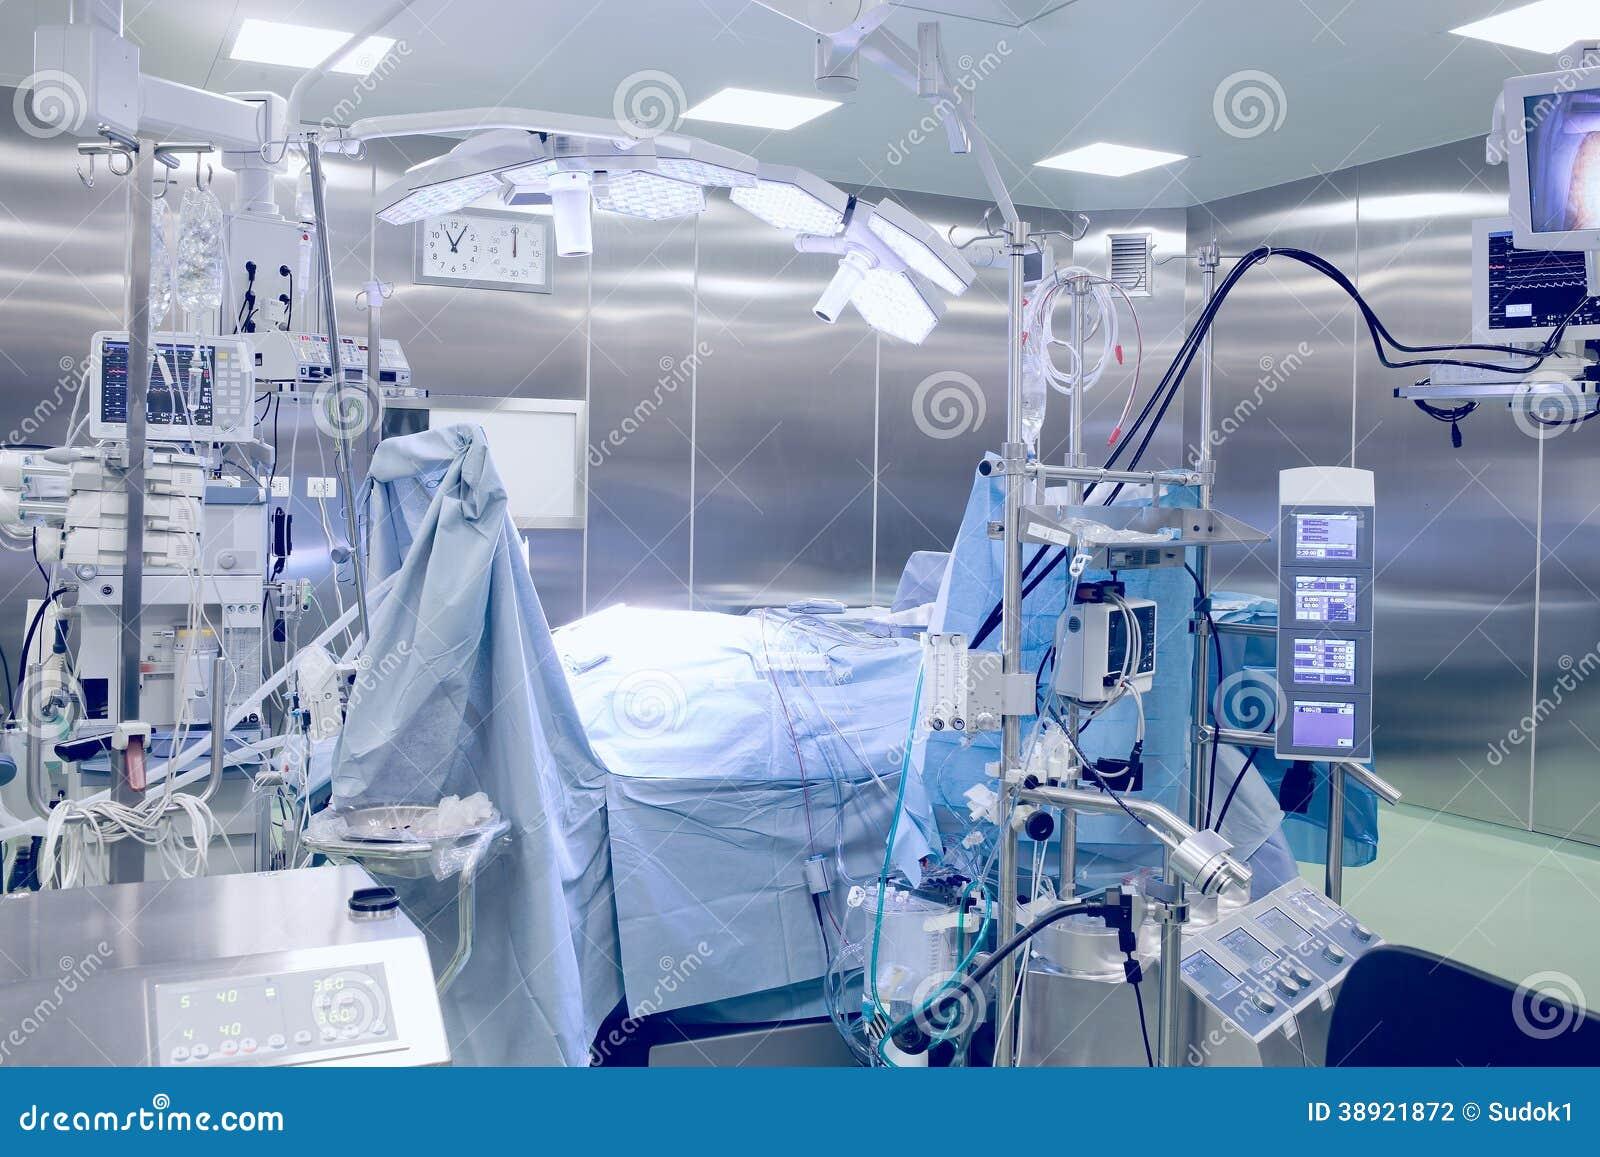 Chirurgicznie sala operacyjna